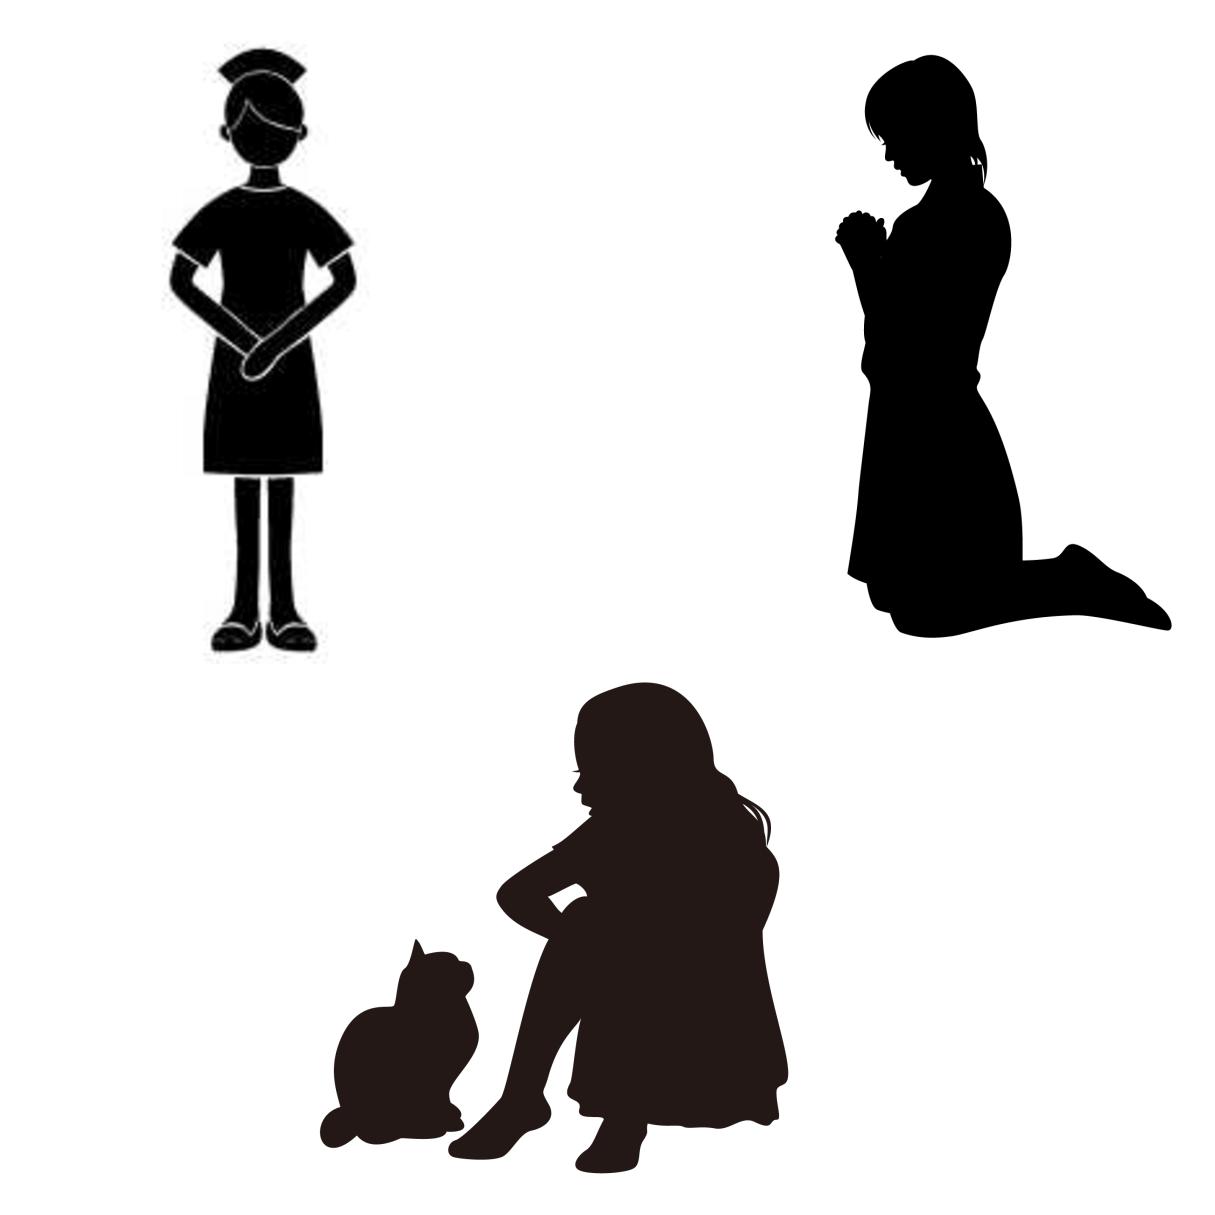 ケアテイカー、プラケーター、イネイブラーの違いを表すイメージ